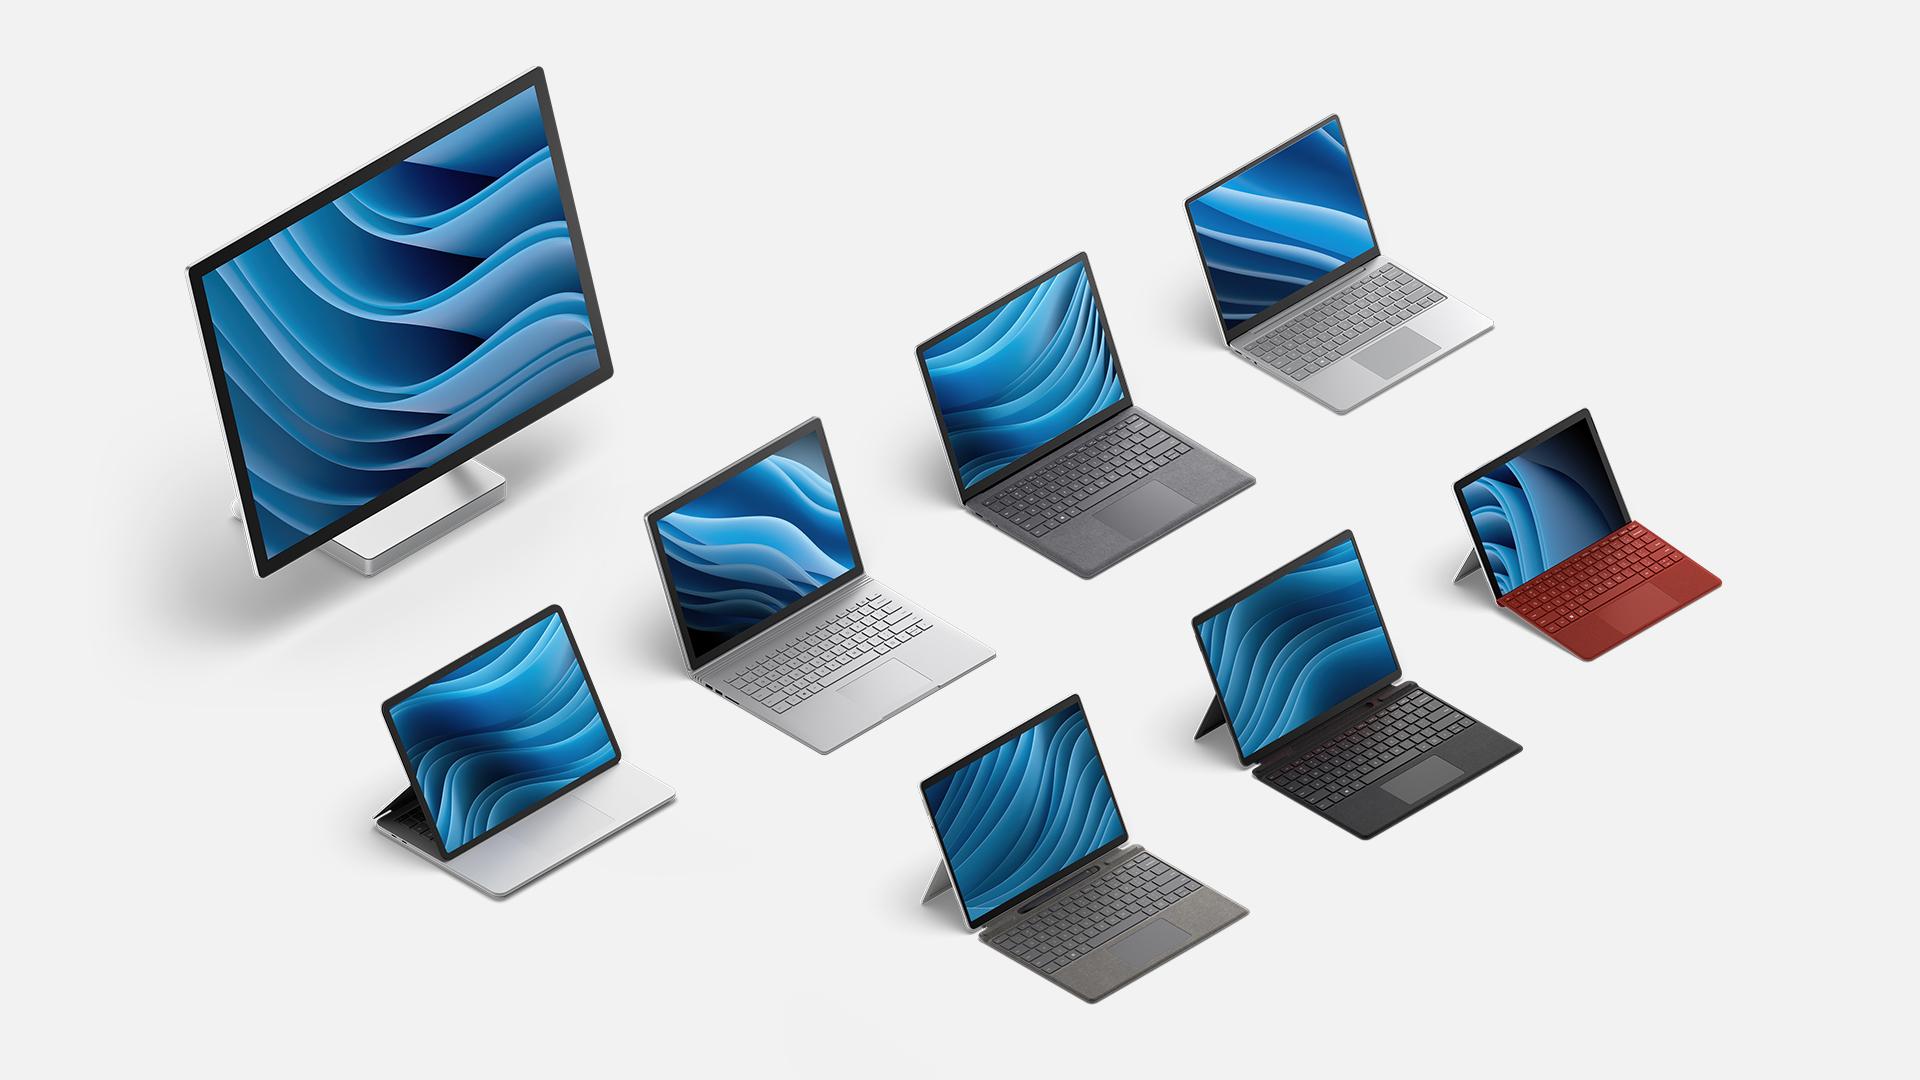 Una colección de todos los dispositivos de la familia Surface.